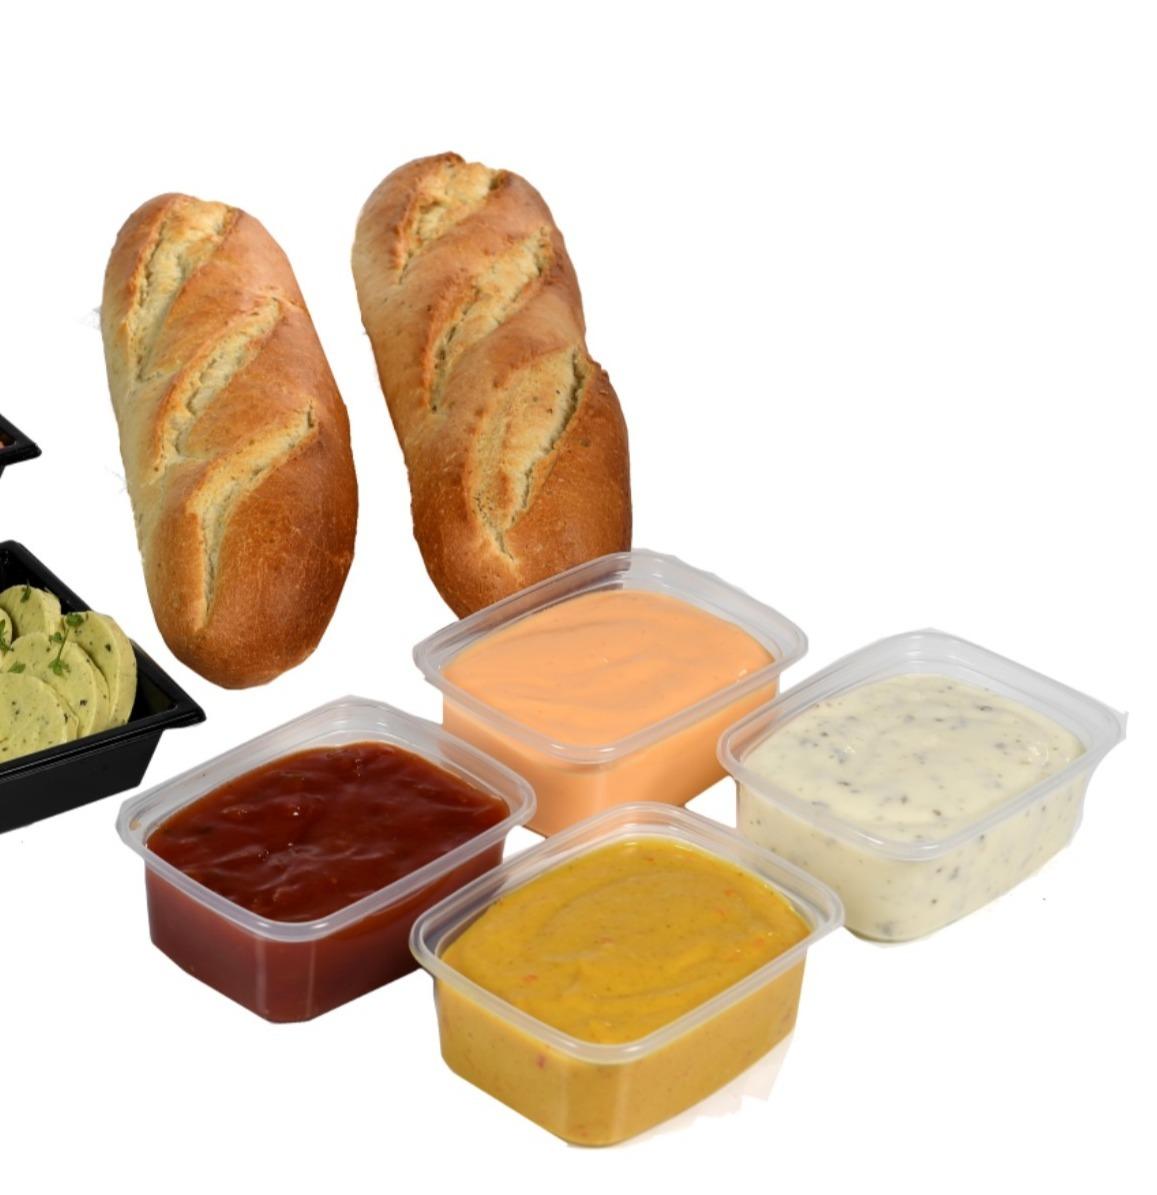 3. Maak uw gourmet compleet!